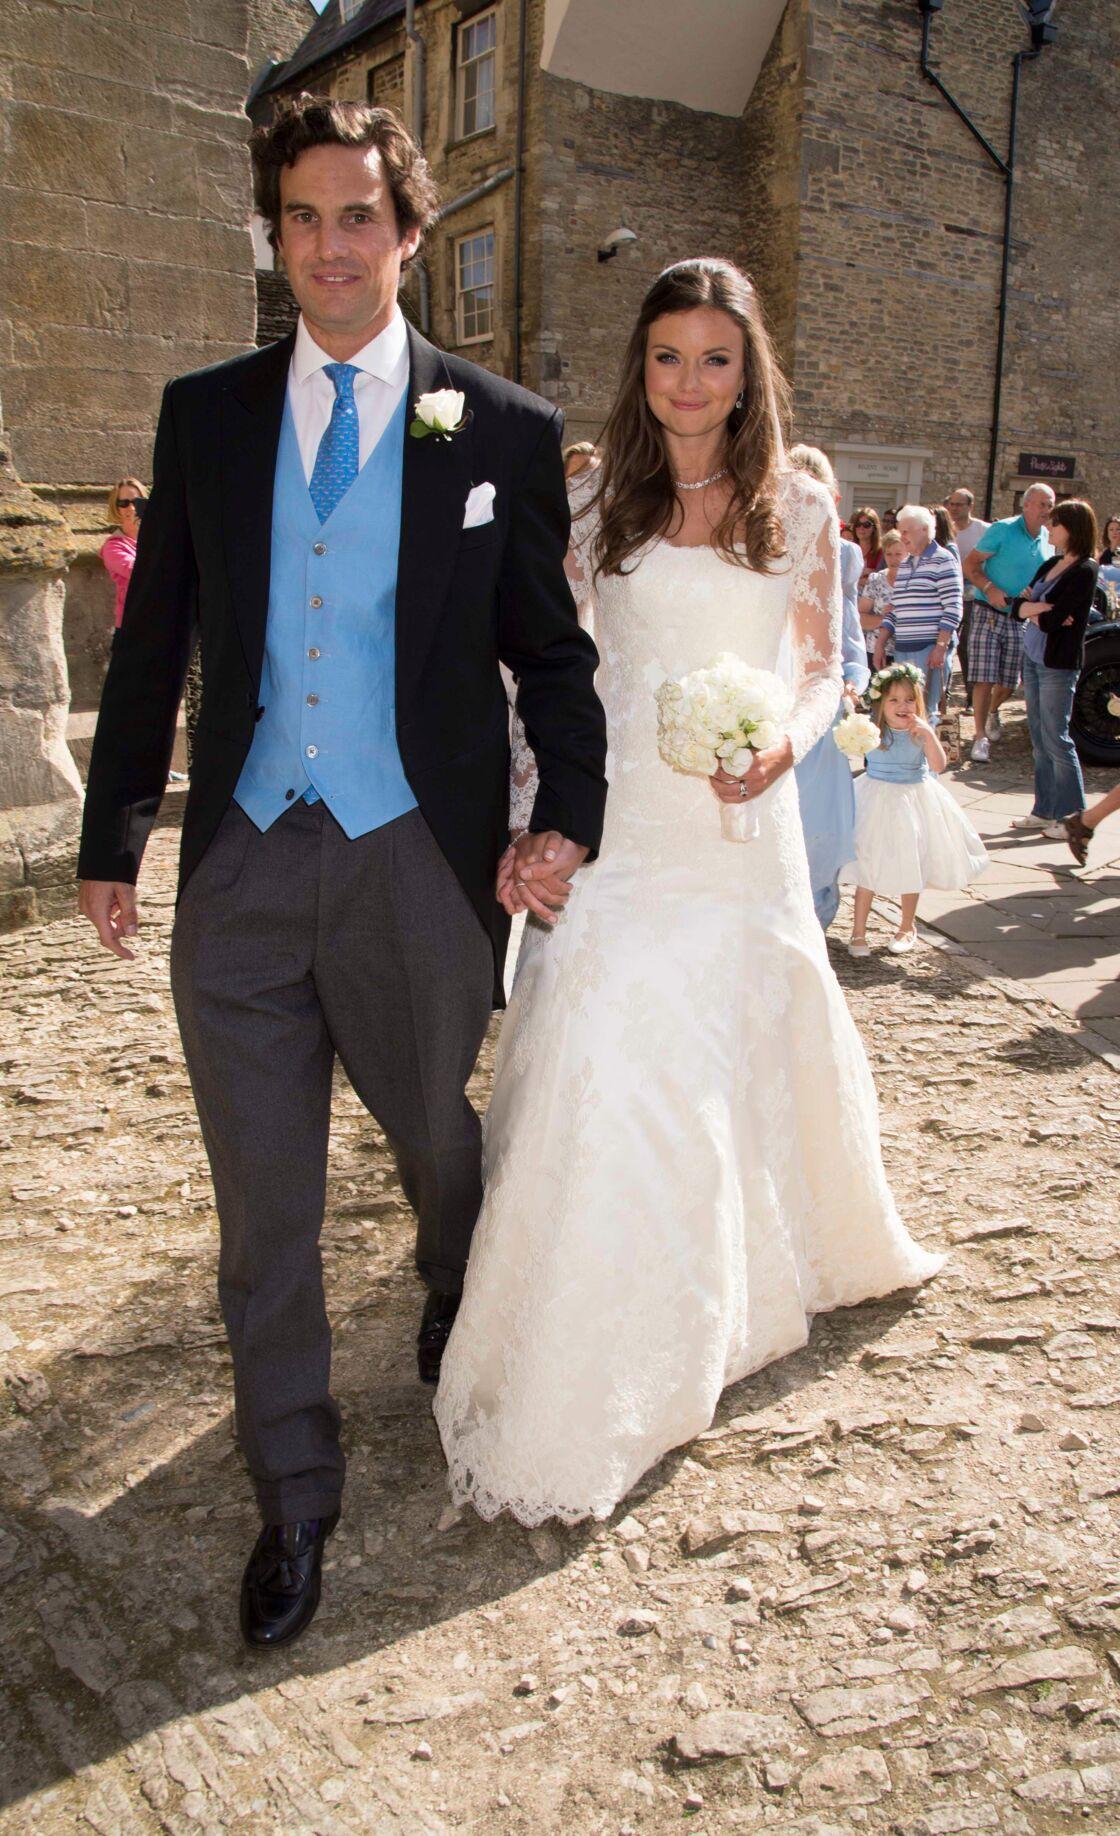 Rupert Finch et Lady Natasha Rufus Isaacs le jour de leur mariage en 2013